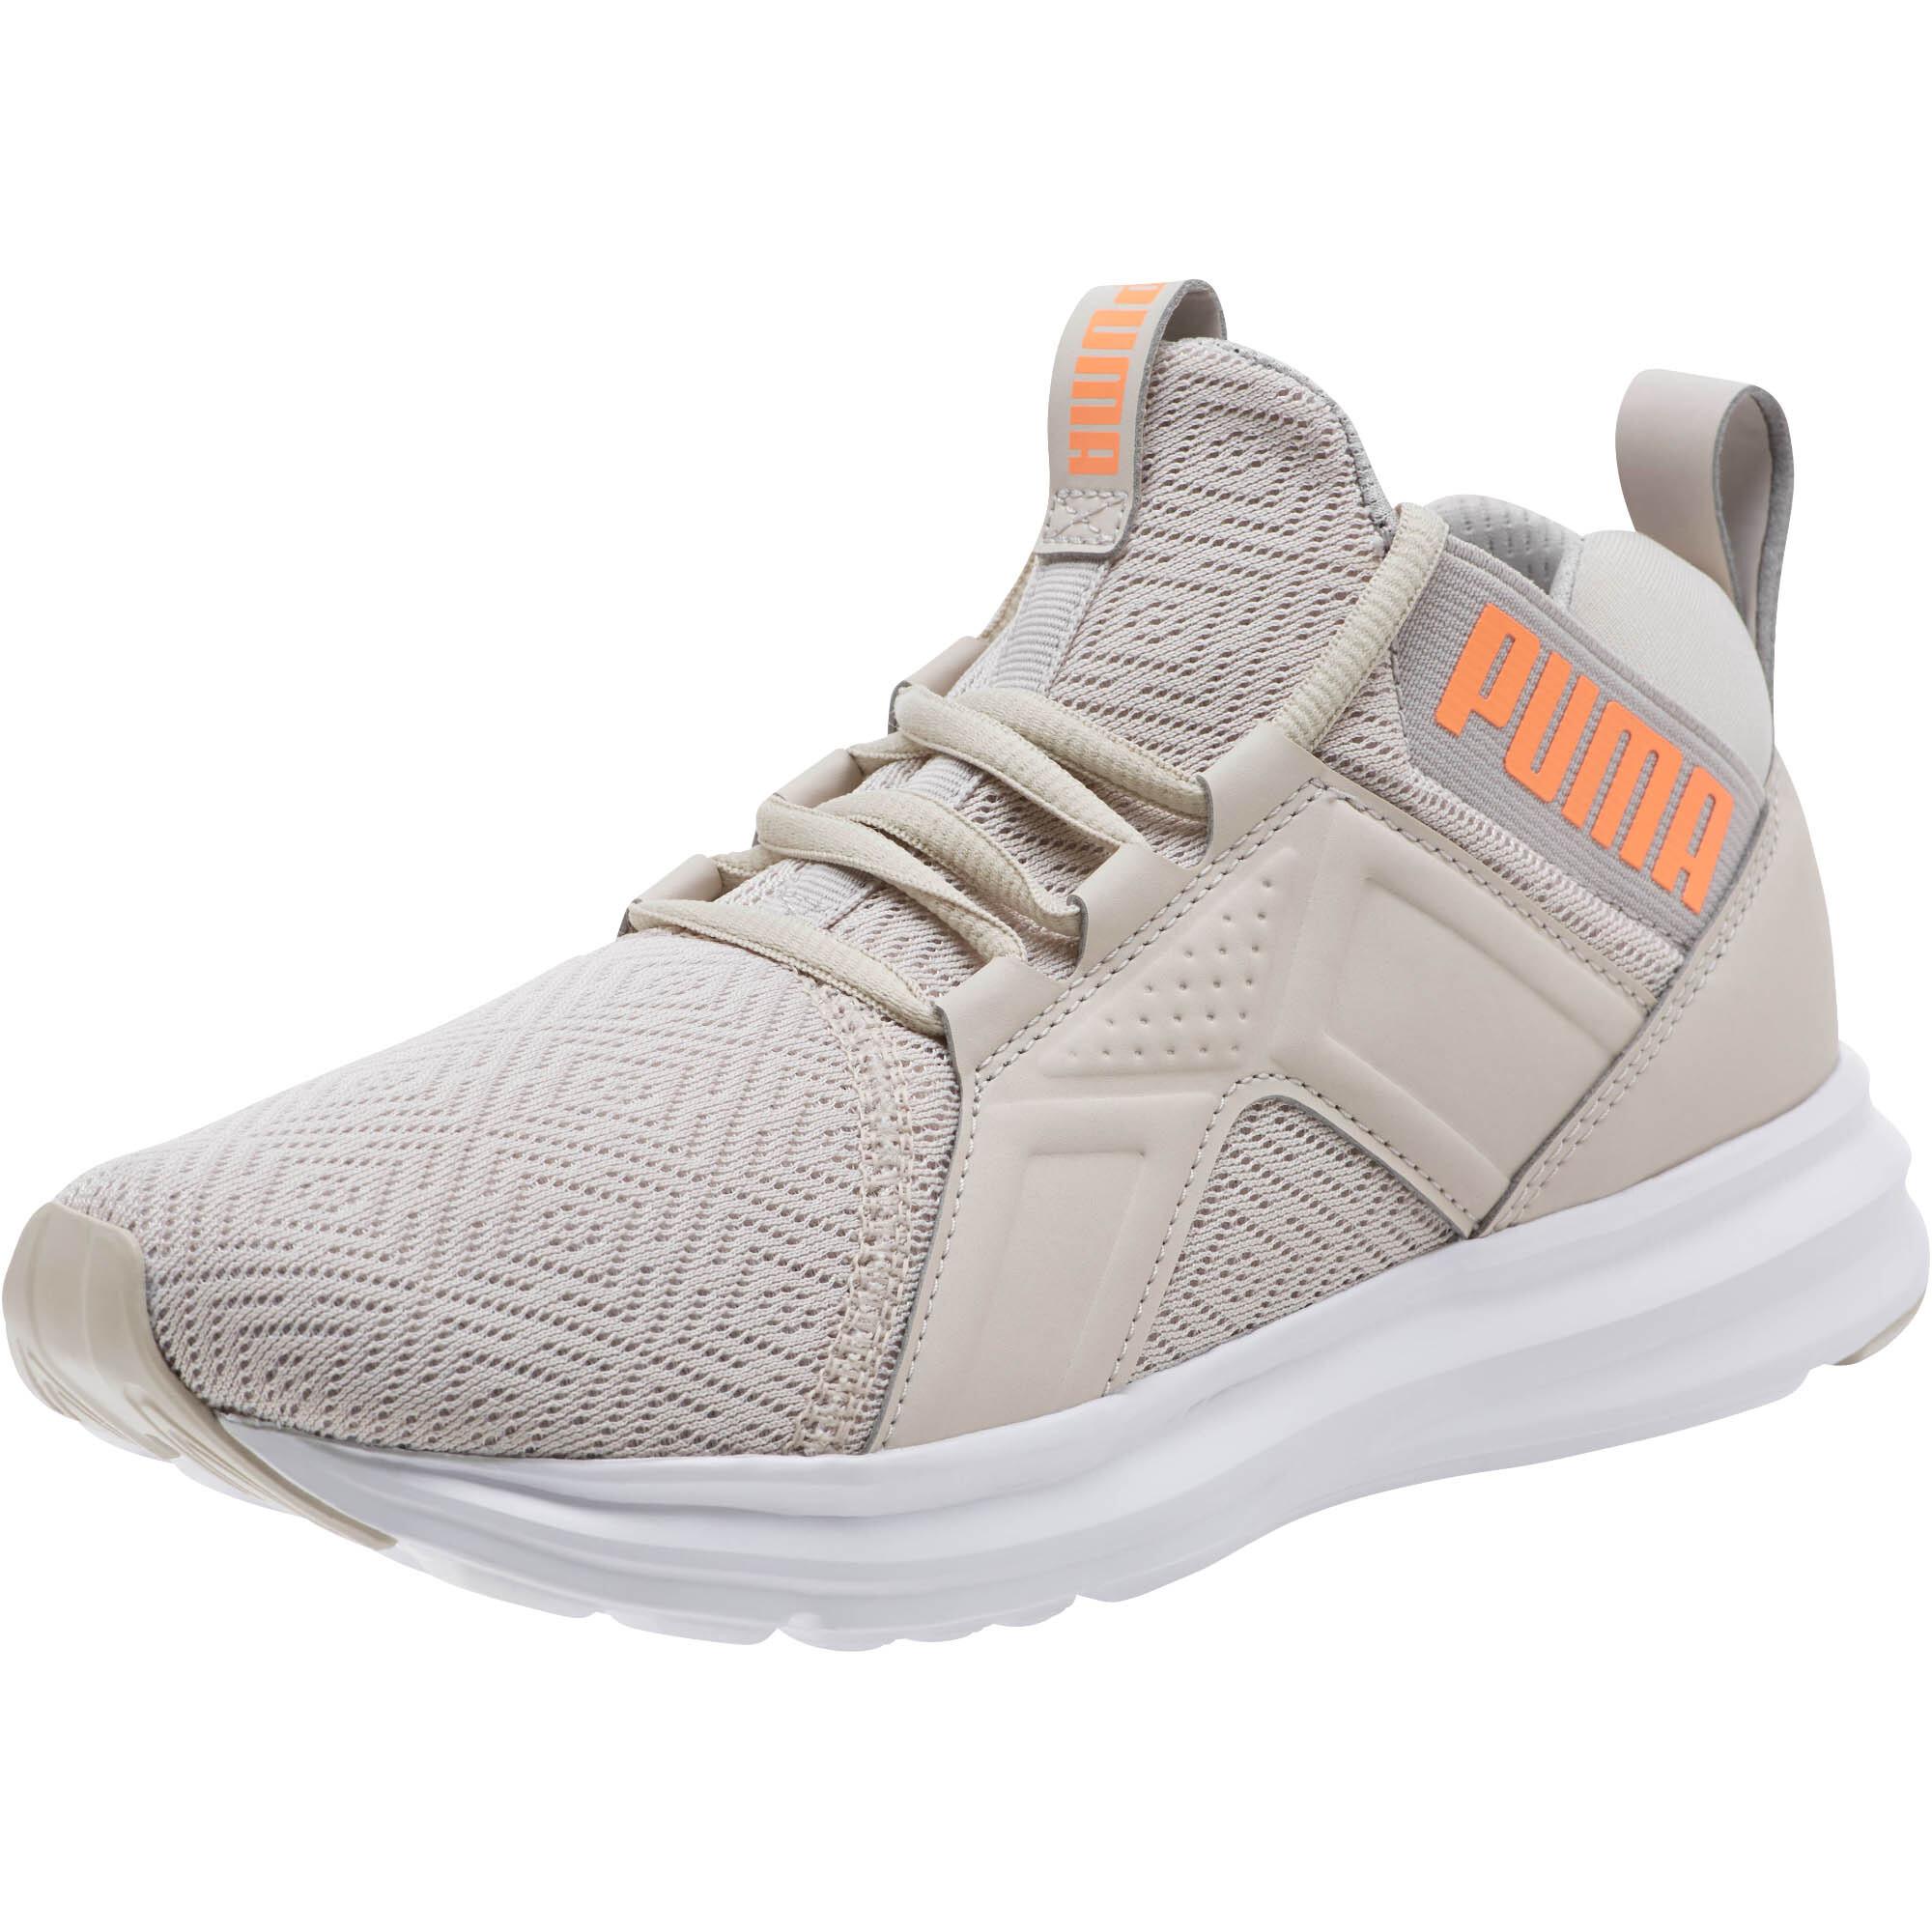 design de qualité f3a5a 70e36 Details about PUMA Enzo Femme Women's Running Shoes Women Shoe Running